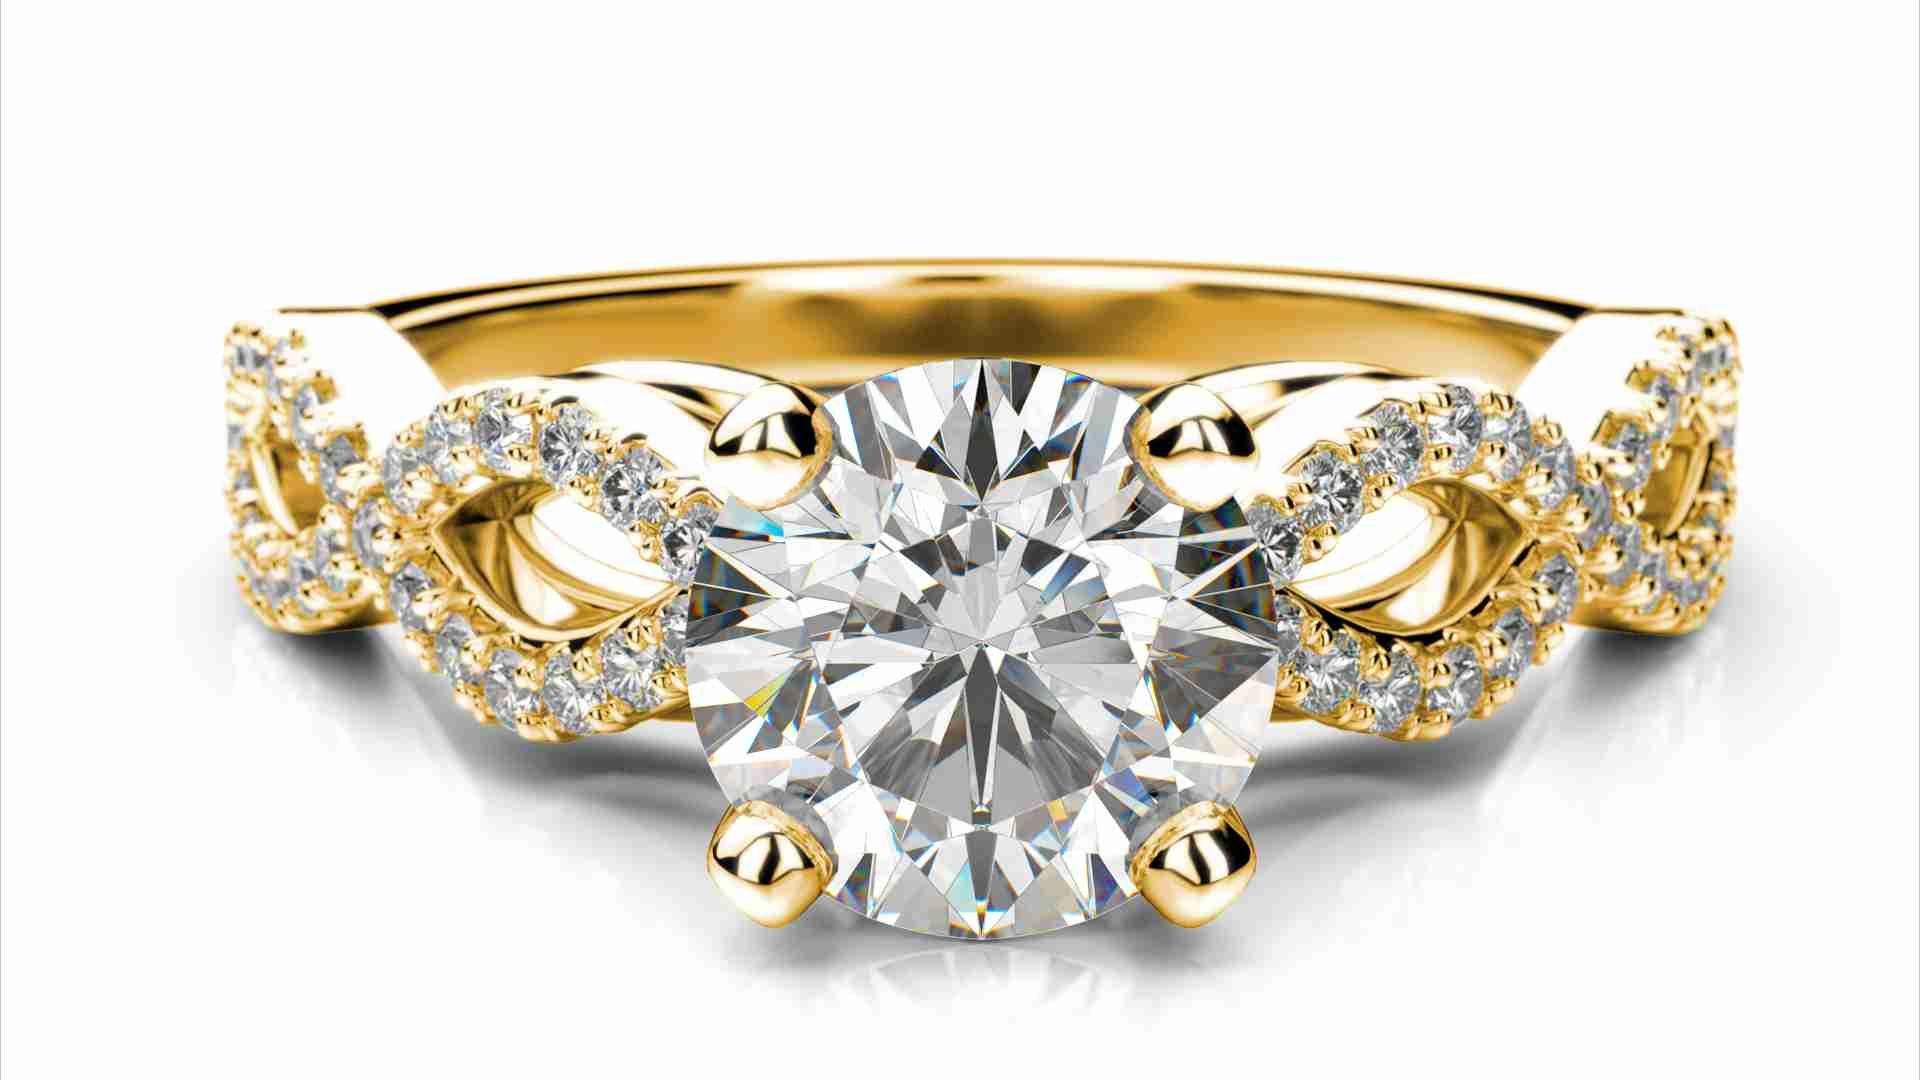 Zlatý zásnubný prsteň TALA zo žltého zlata 14 karátové briliant okrúhly solitaire s postrannými diamantmi